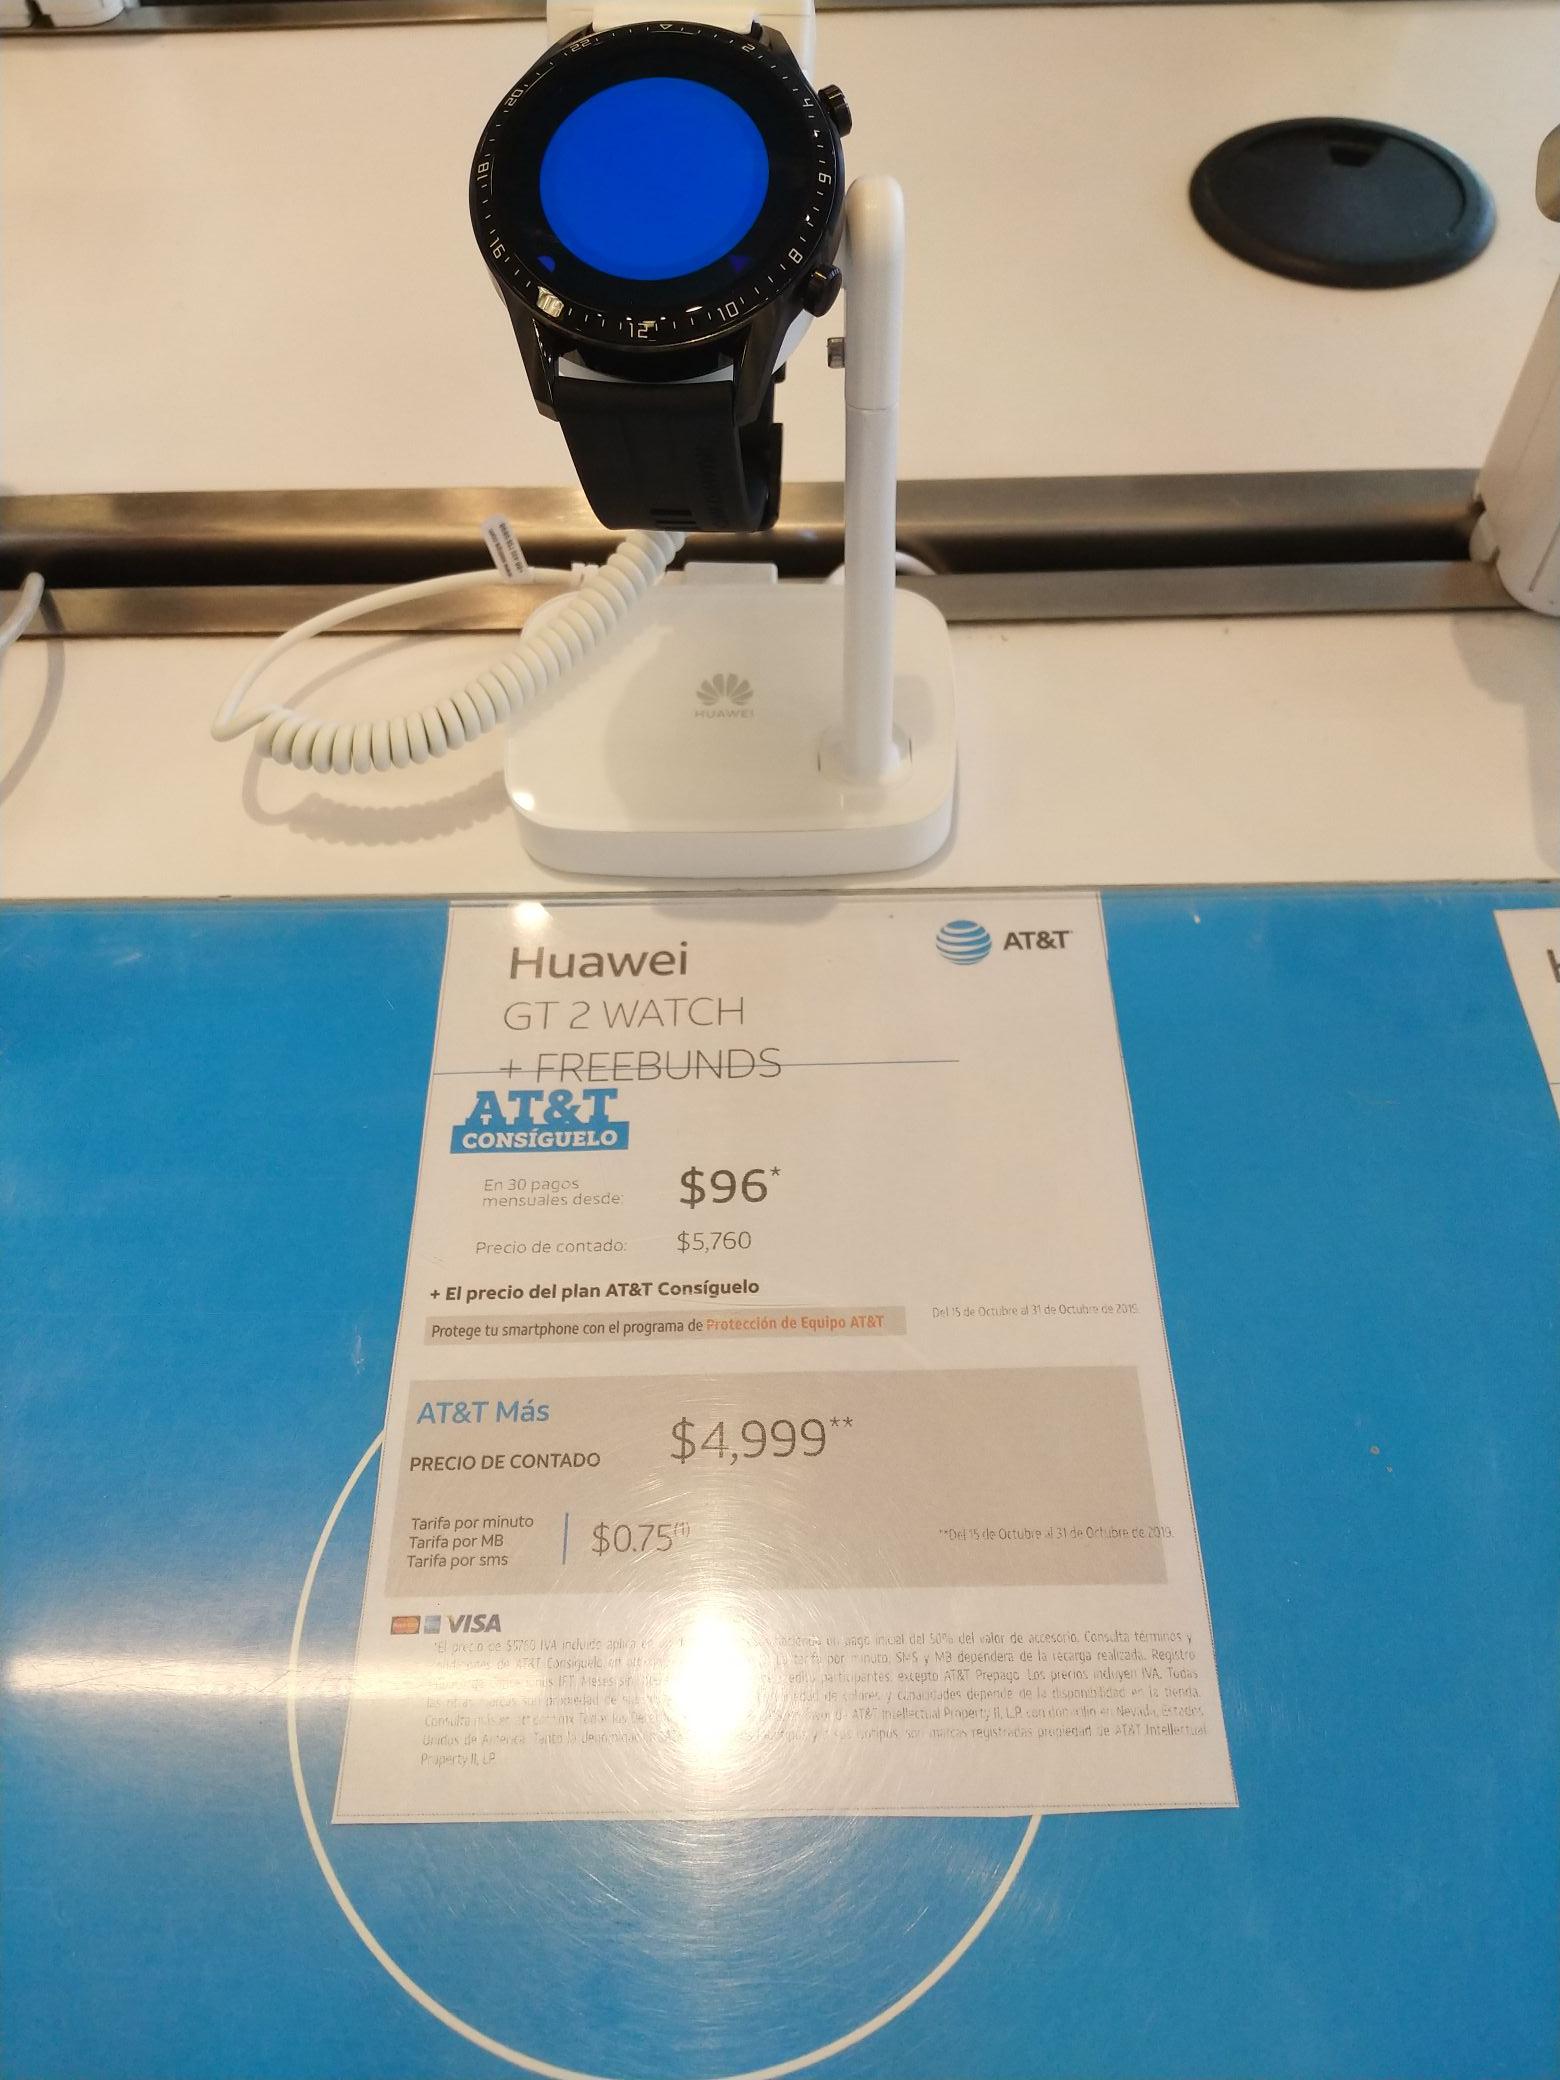 AT&T: Huawei Watch GT2+ Freebunds